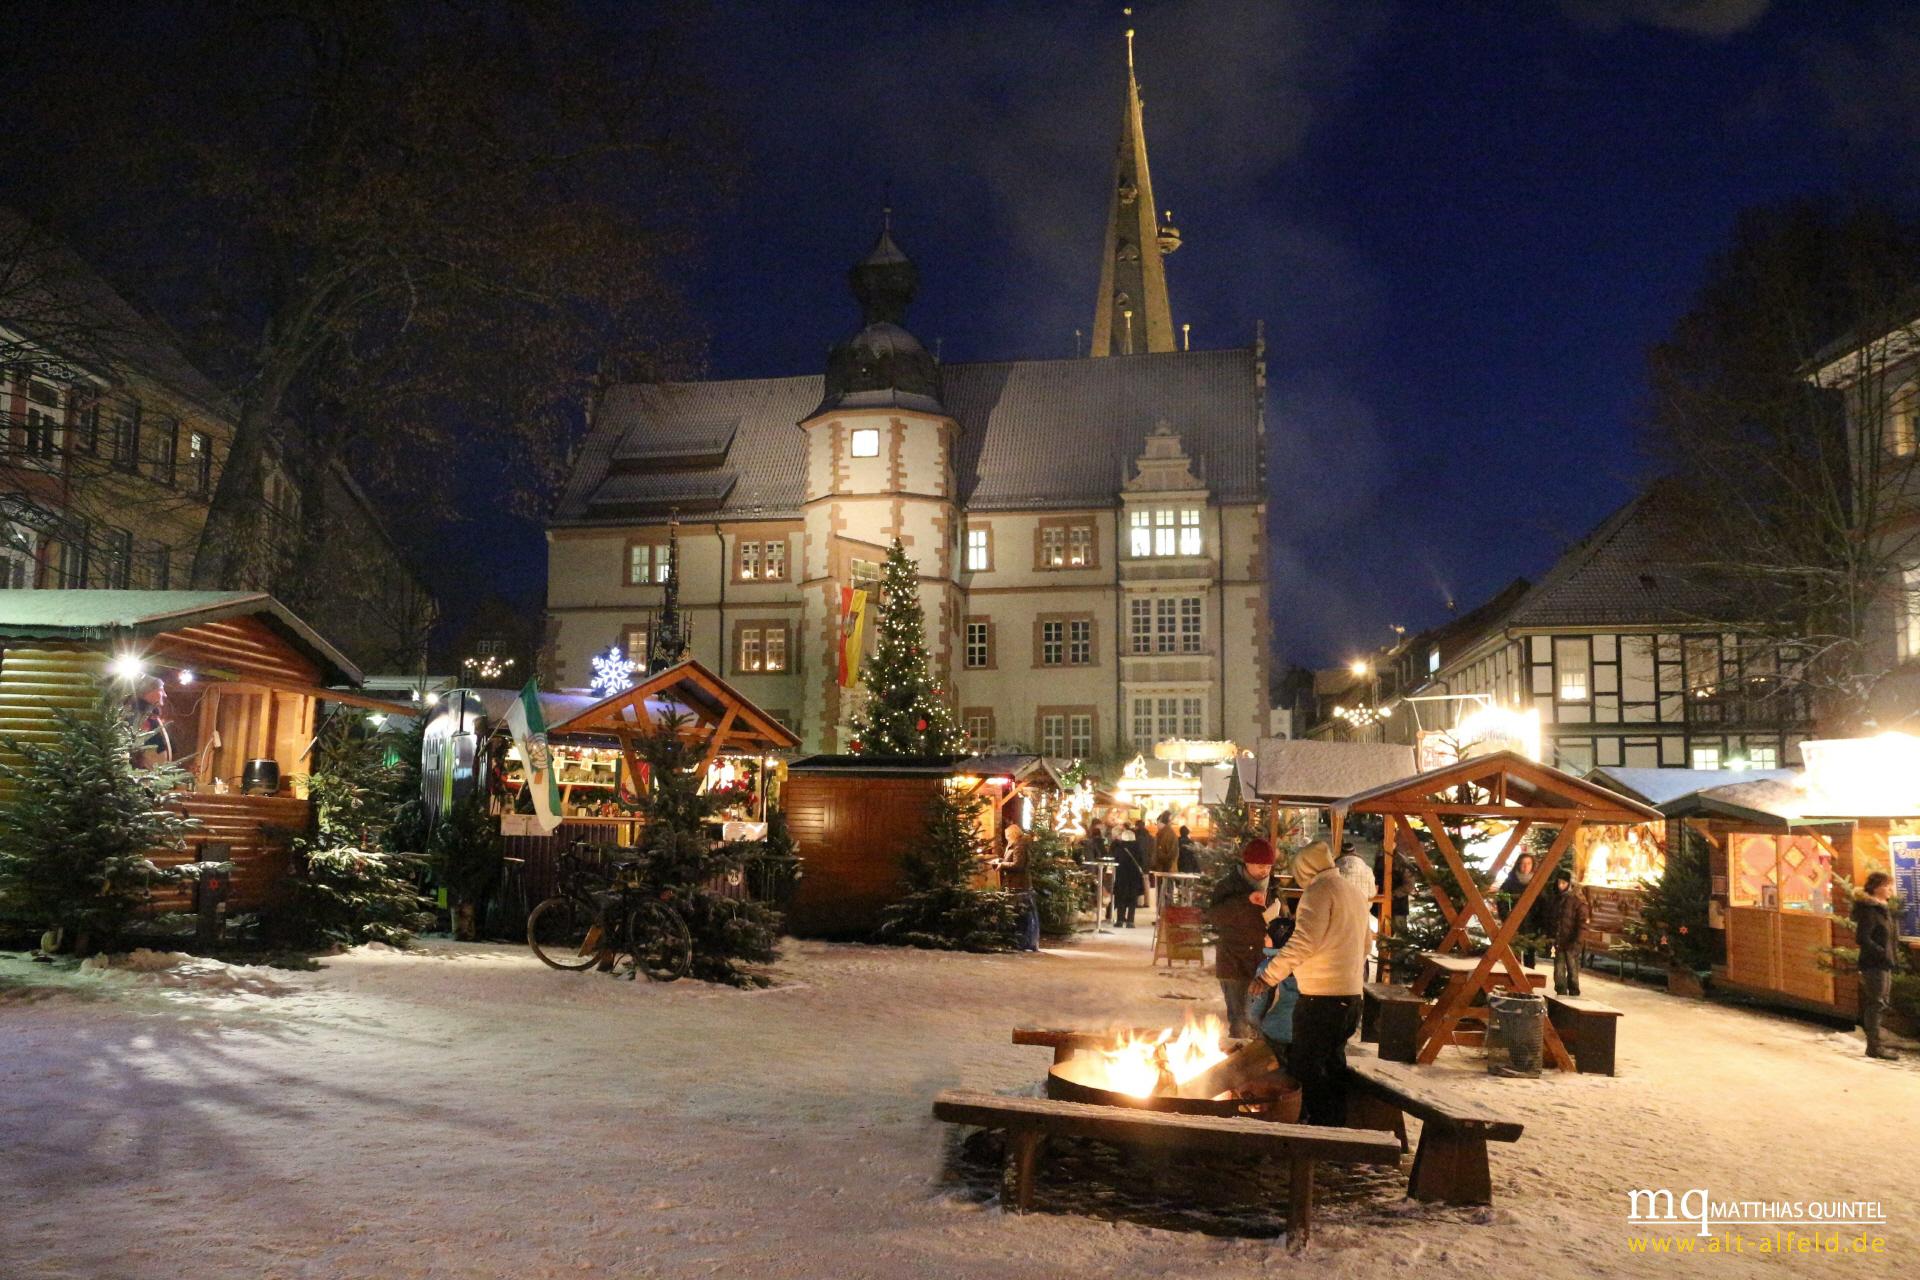 Wo Ist Noch Weihnachtsmarkt.Weihnachtsmarkt Alt Alfeld De